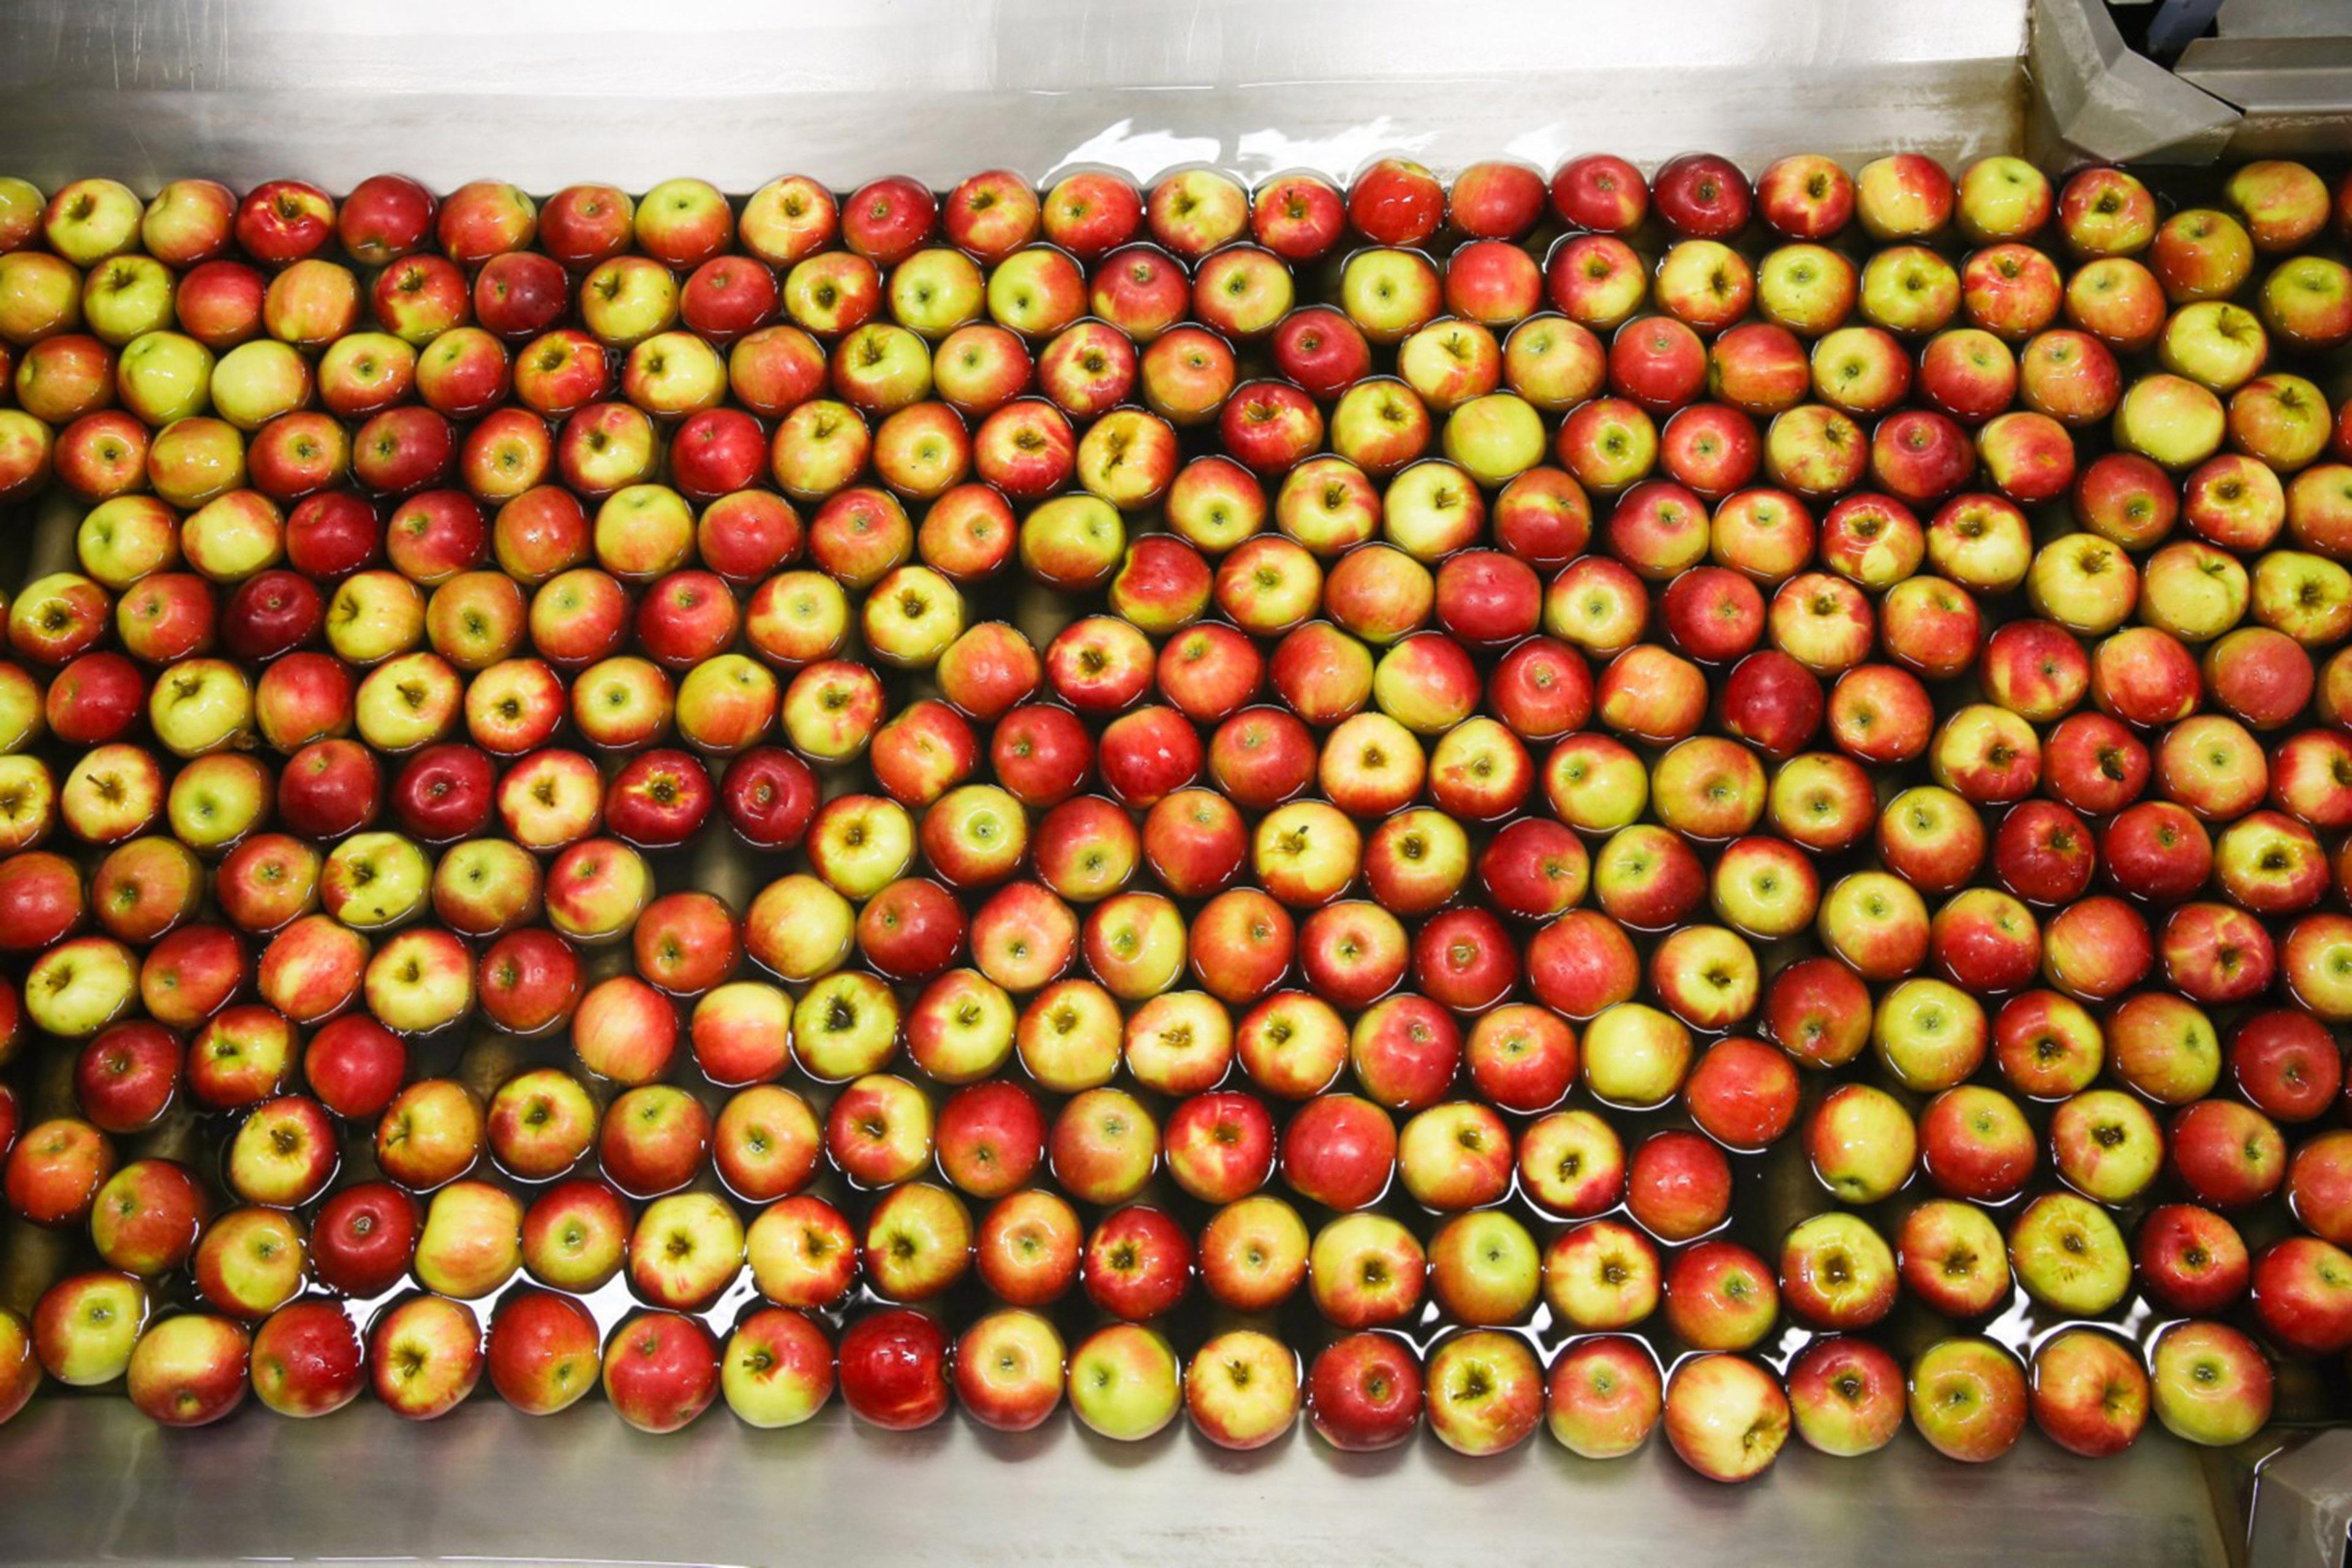 Evrosadova jabolka teknejo po vsem svetu